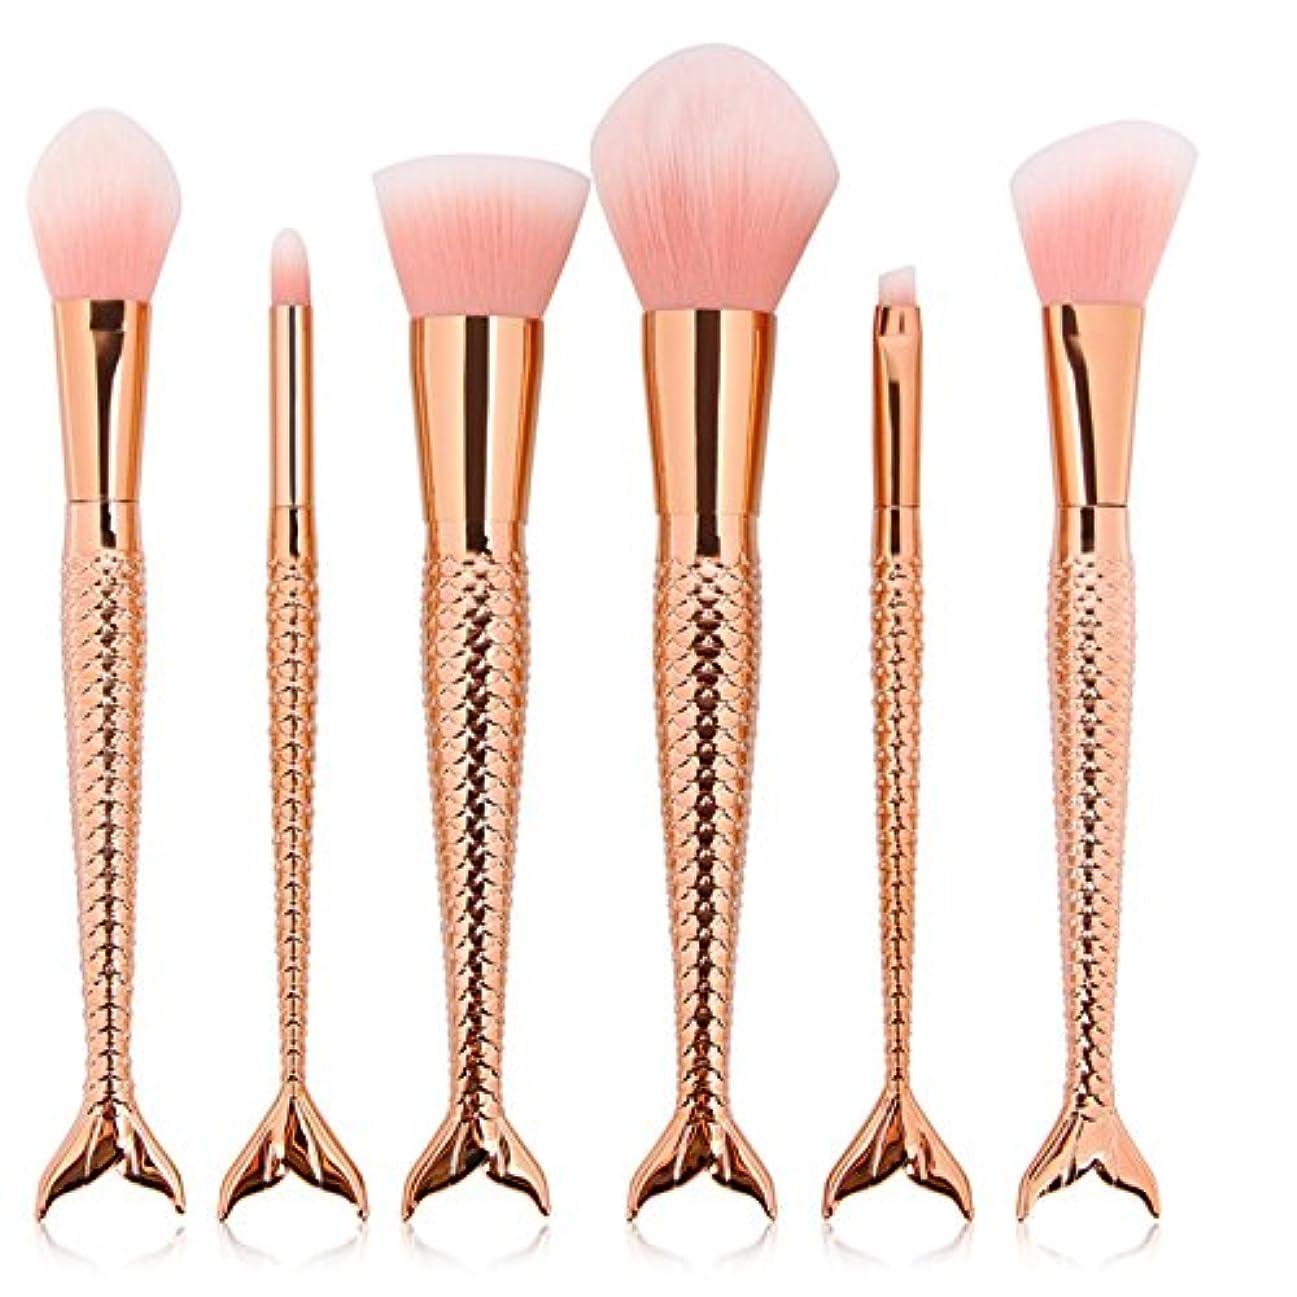 活性化する有効ほこりっぽいVander 敏感肌適用 メイクブラシ マーメイドブラシ 化粧筆 人造繊維 化粧ブラシセット 高級 アイシャドウブラシ チーク フェイスブラシ 6本 (ローズゴールド)